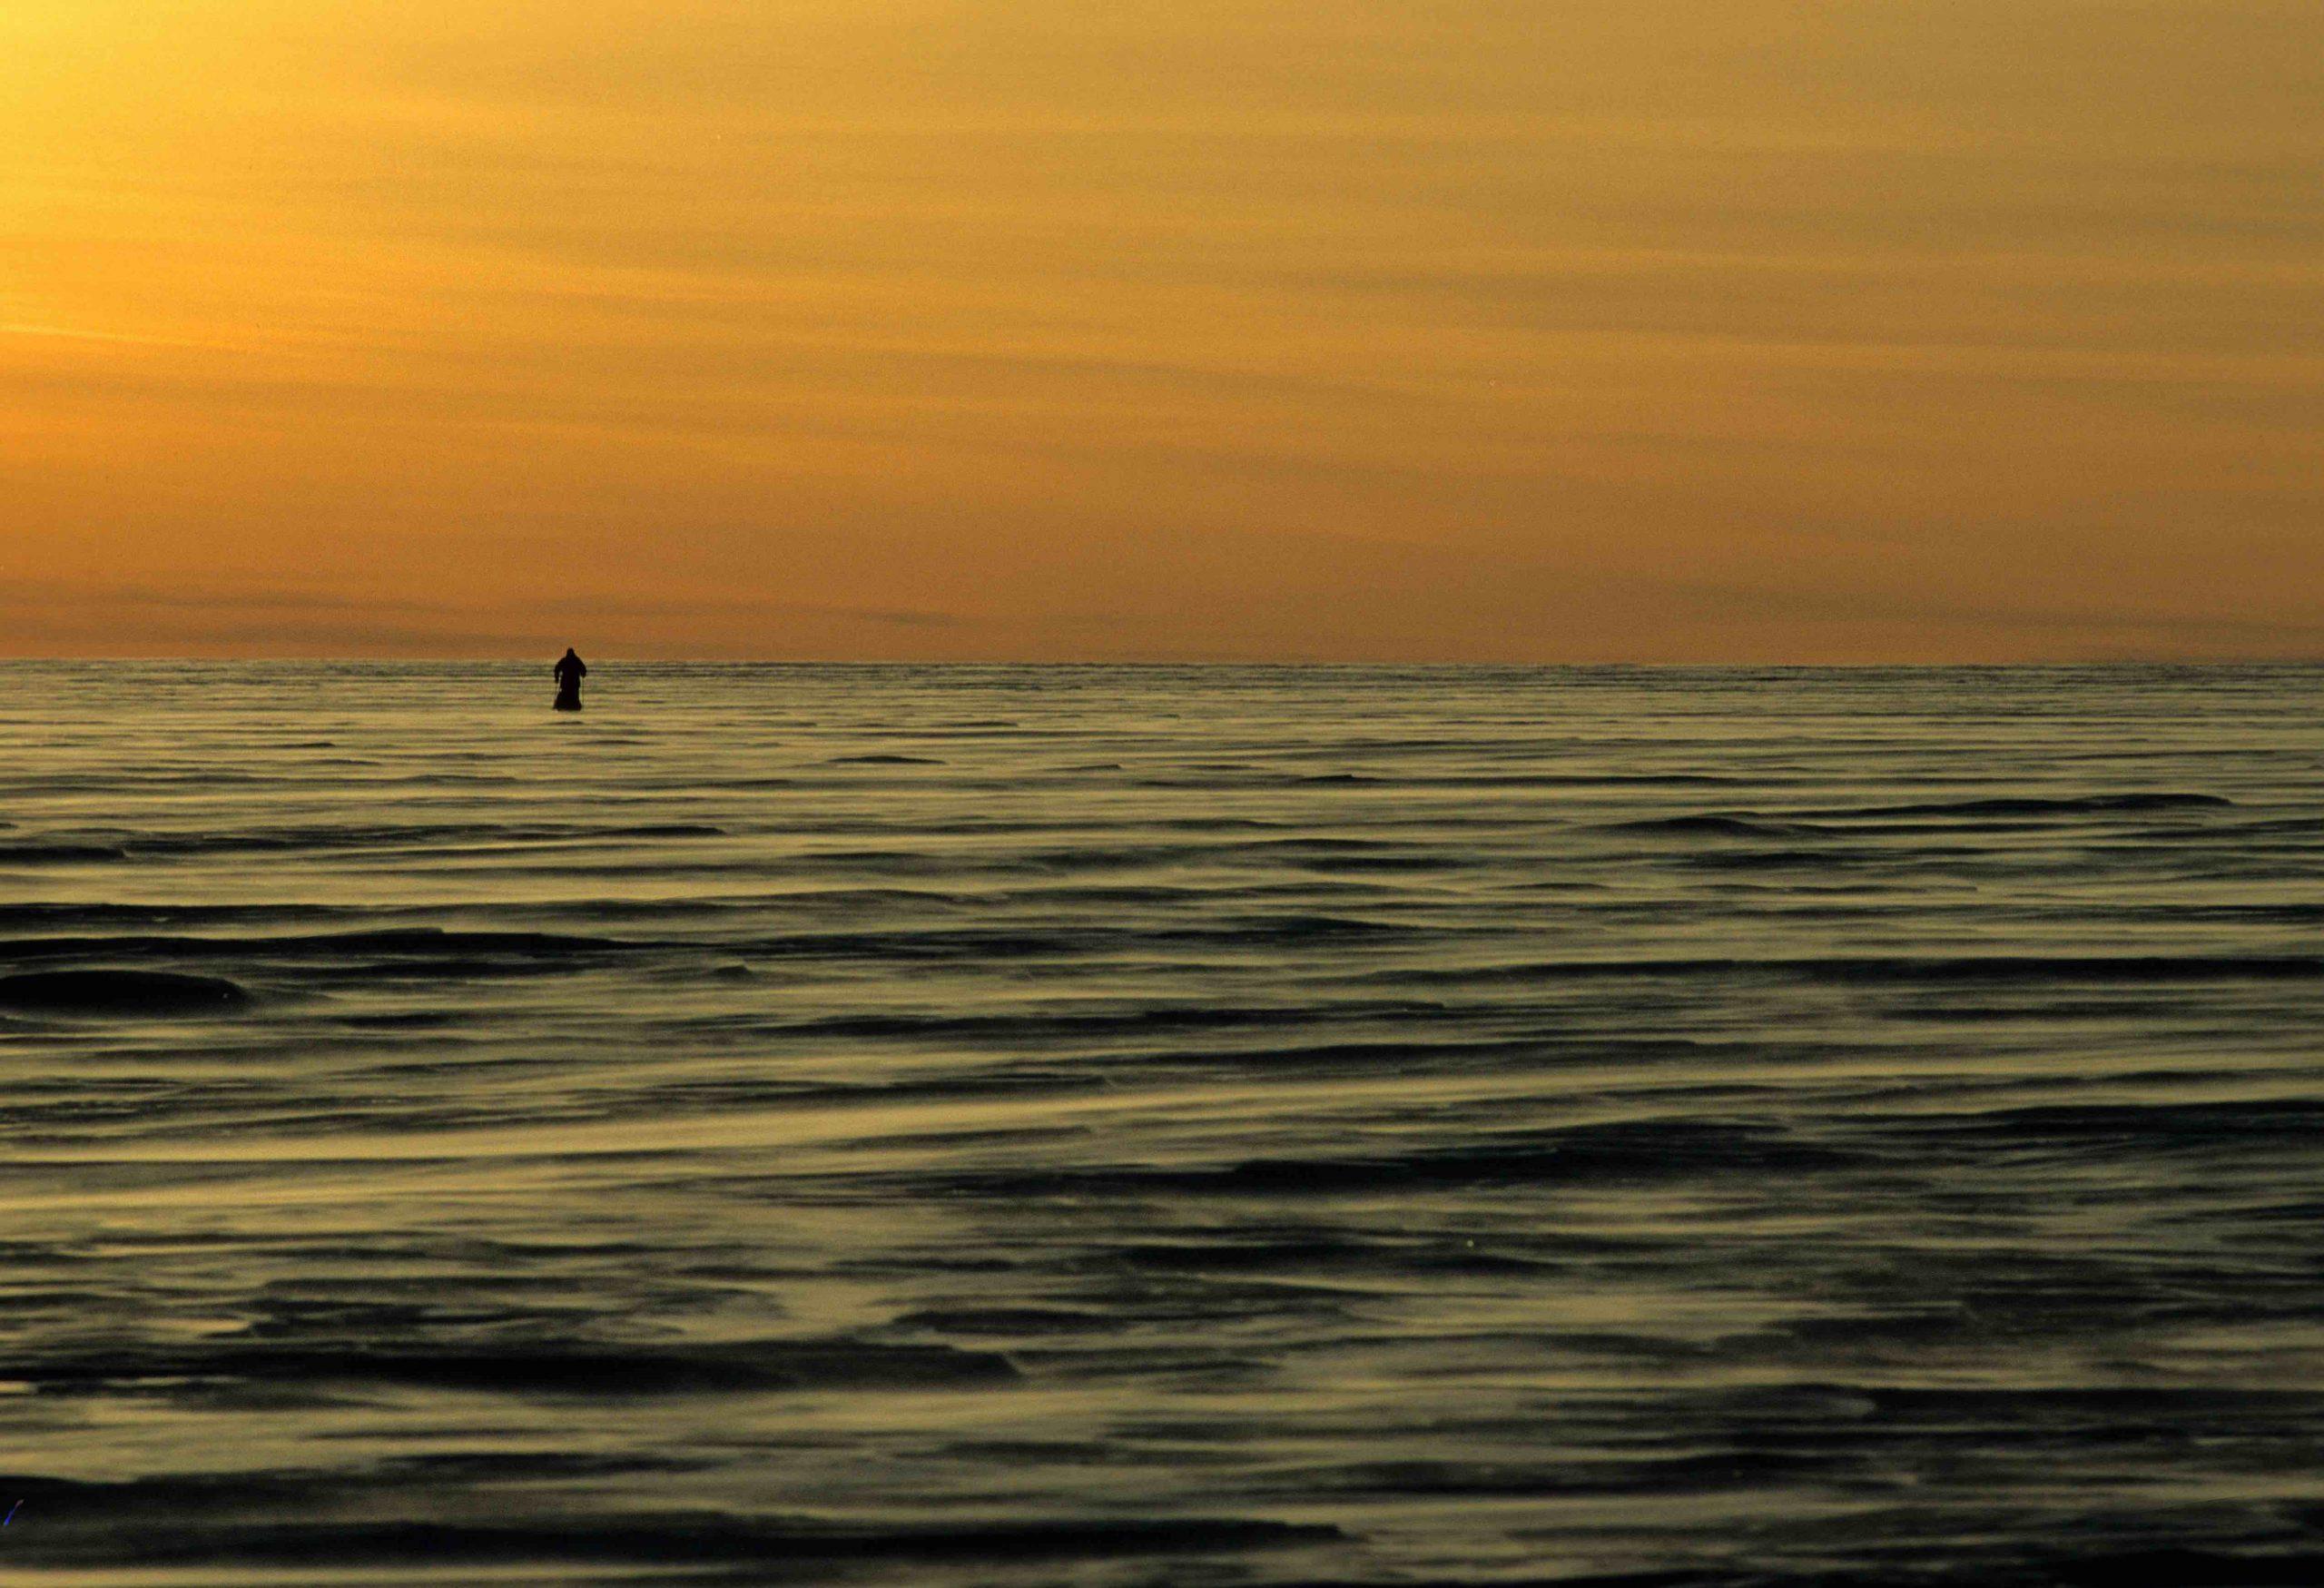 Abb. 11 Der Norweger Børge Ousland 1996/97 auf der ersten Solo-Durchquerung des antarktischen Kontinents zwischen beiden äußeren Rändern des Ronne-Filchner- und des Ross-Schelfeises – mit über 2.845 zurückgelegten Kilometern sprengt er die Grenzen des vorstellbar Möglichen. Foto: Archiv Børge Ousland